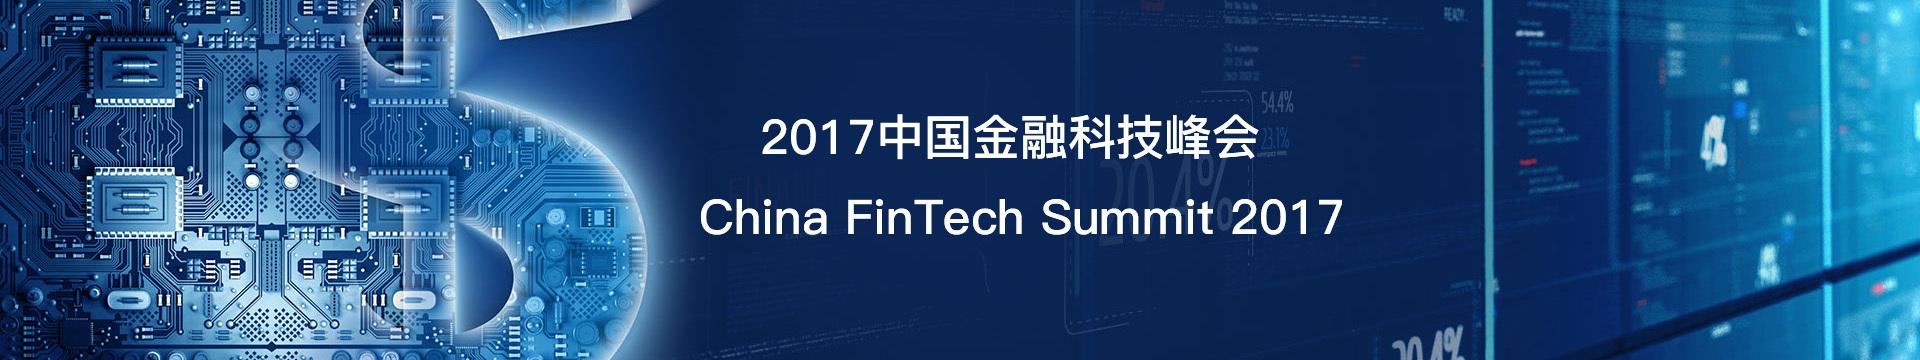 2017中国金融科技峰会 China FinTech Summit 2017